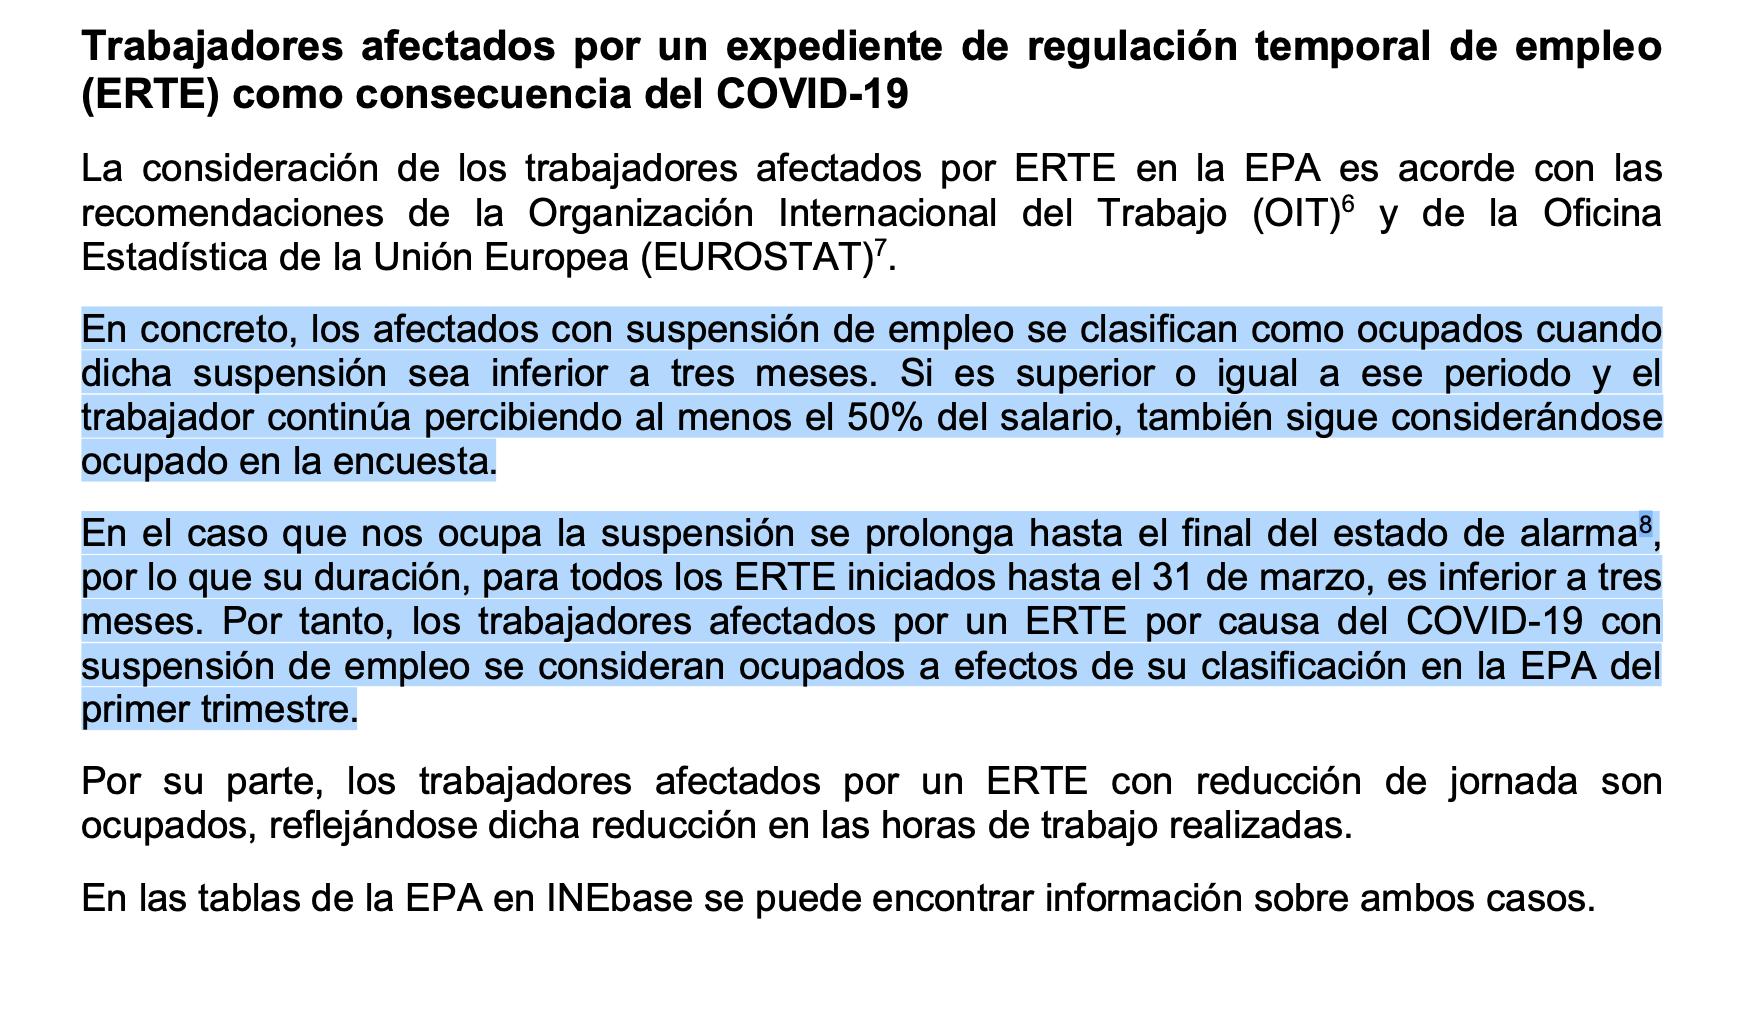 1-metodologia-epa-afectados-erte.png